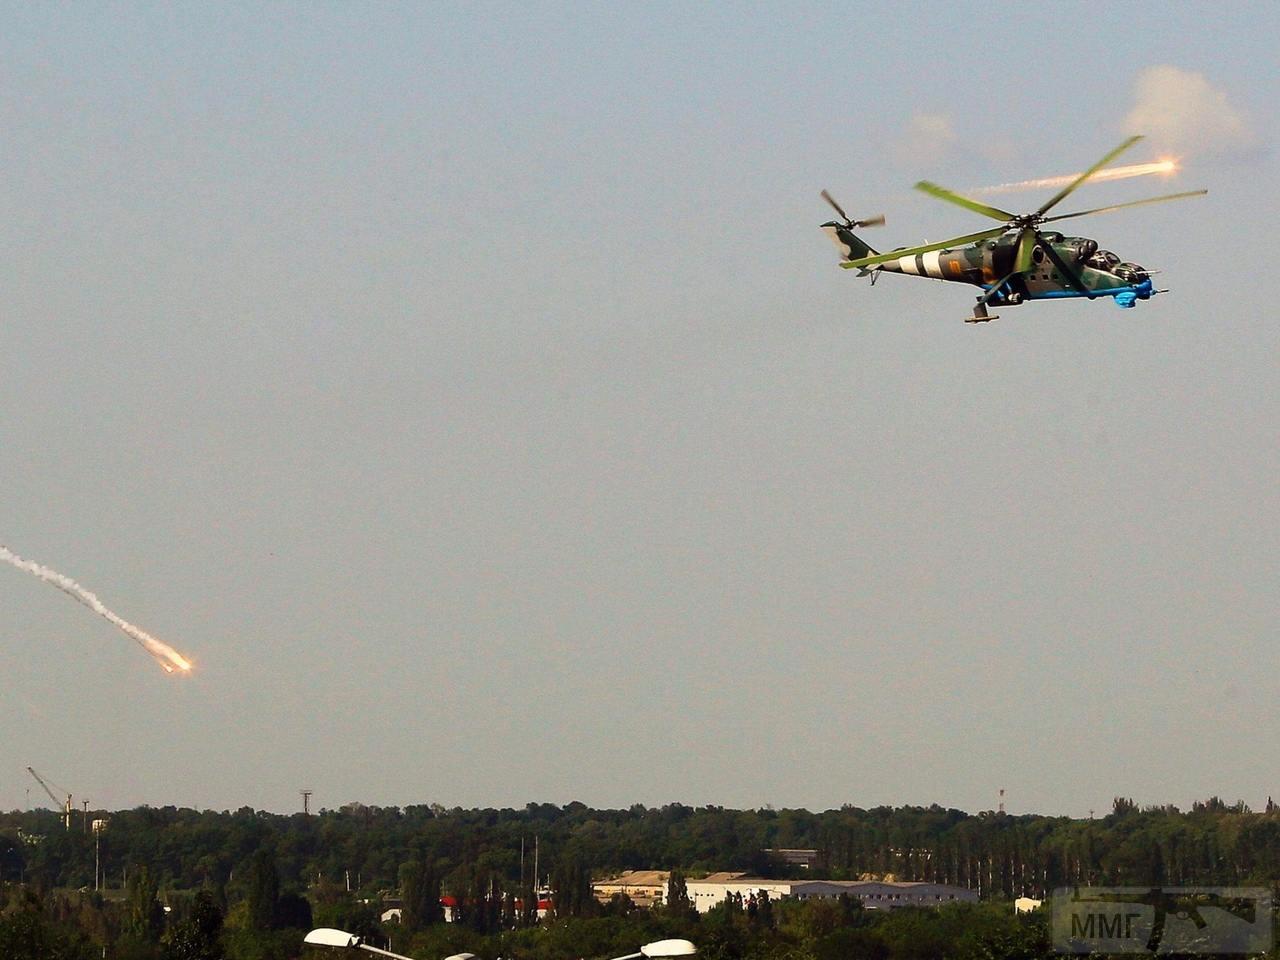 59825 - Армейская авиация Сухопутных Сил ВС Украины